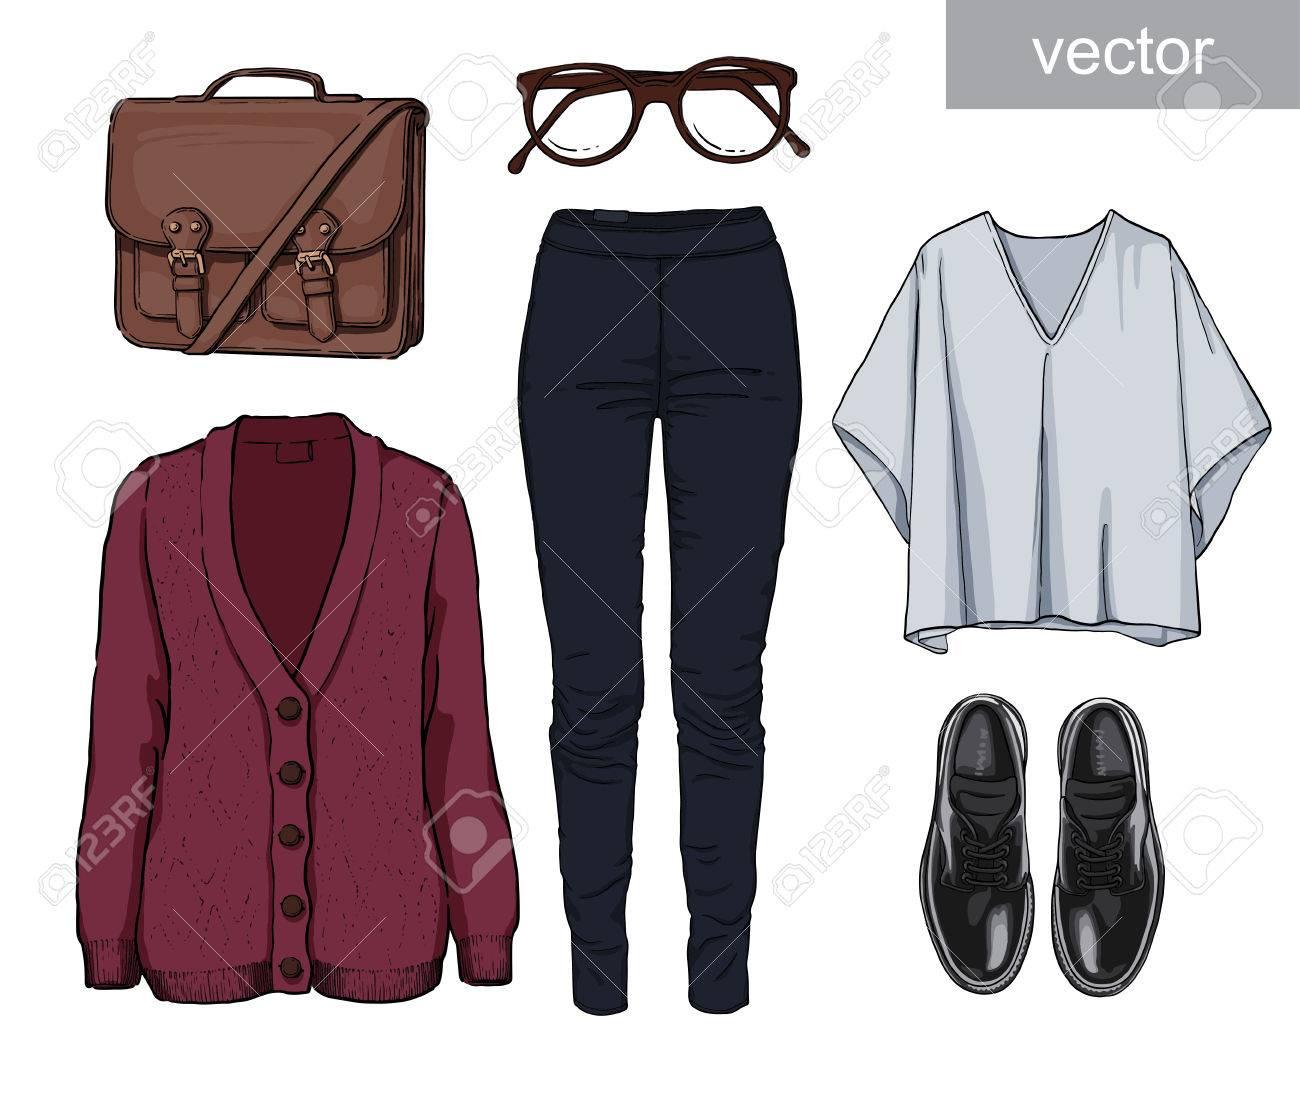 a2b61213f Dama de la moda conjunto del otoño, traje de la temporada de primavera.  Ilustración estilo y de moda de ropa. Cardigan, dril de algodón, gafas, ...